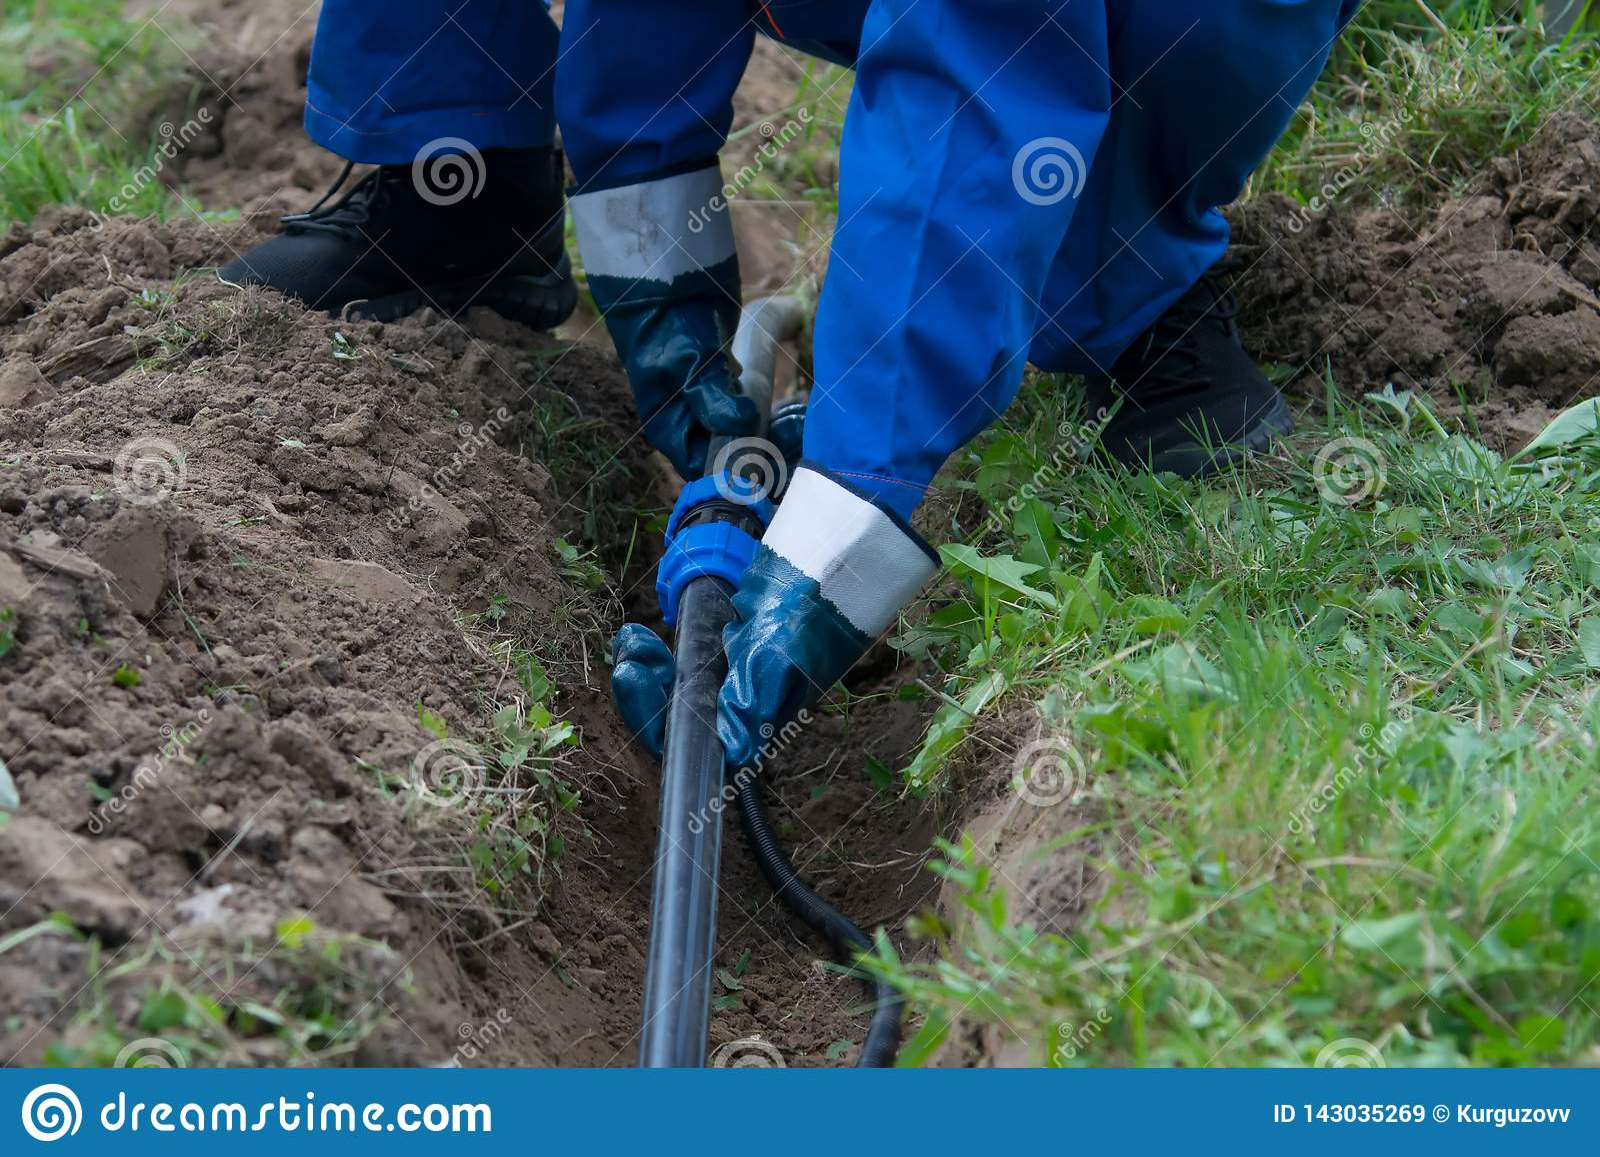 Руки работника, в голубых перчатках, клали пластиковый трубопровод в открытой канаве в земле